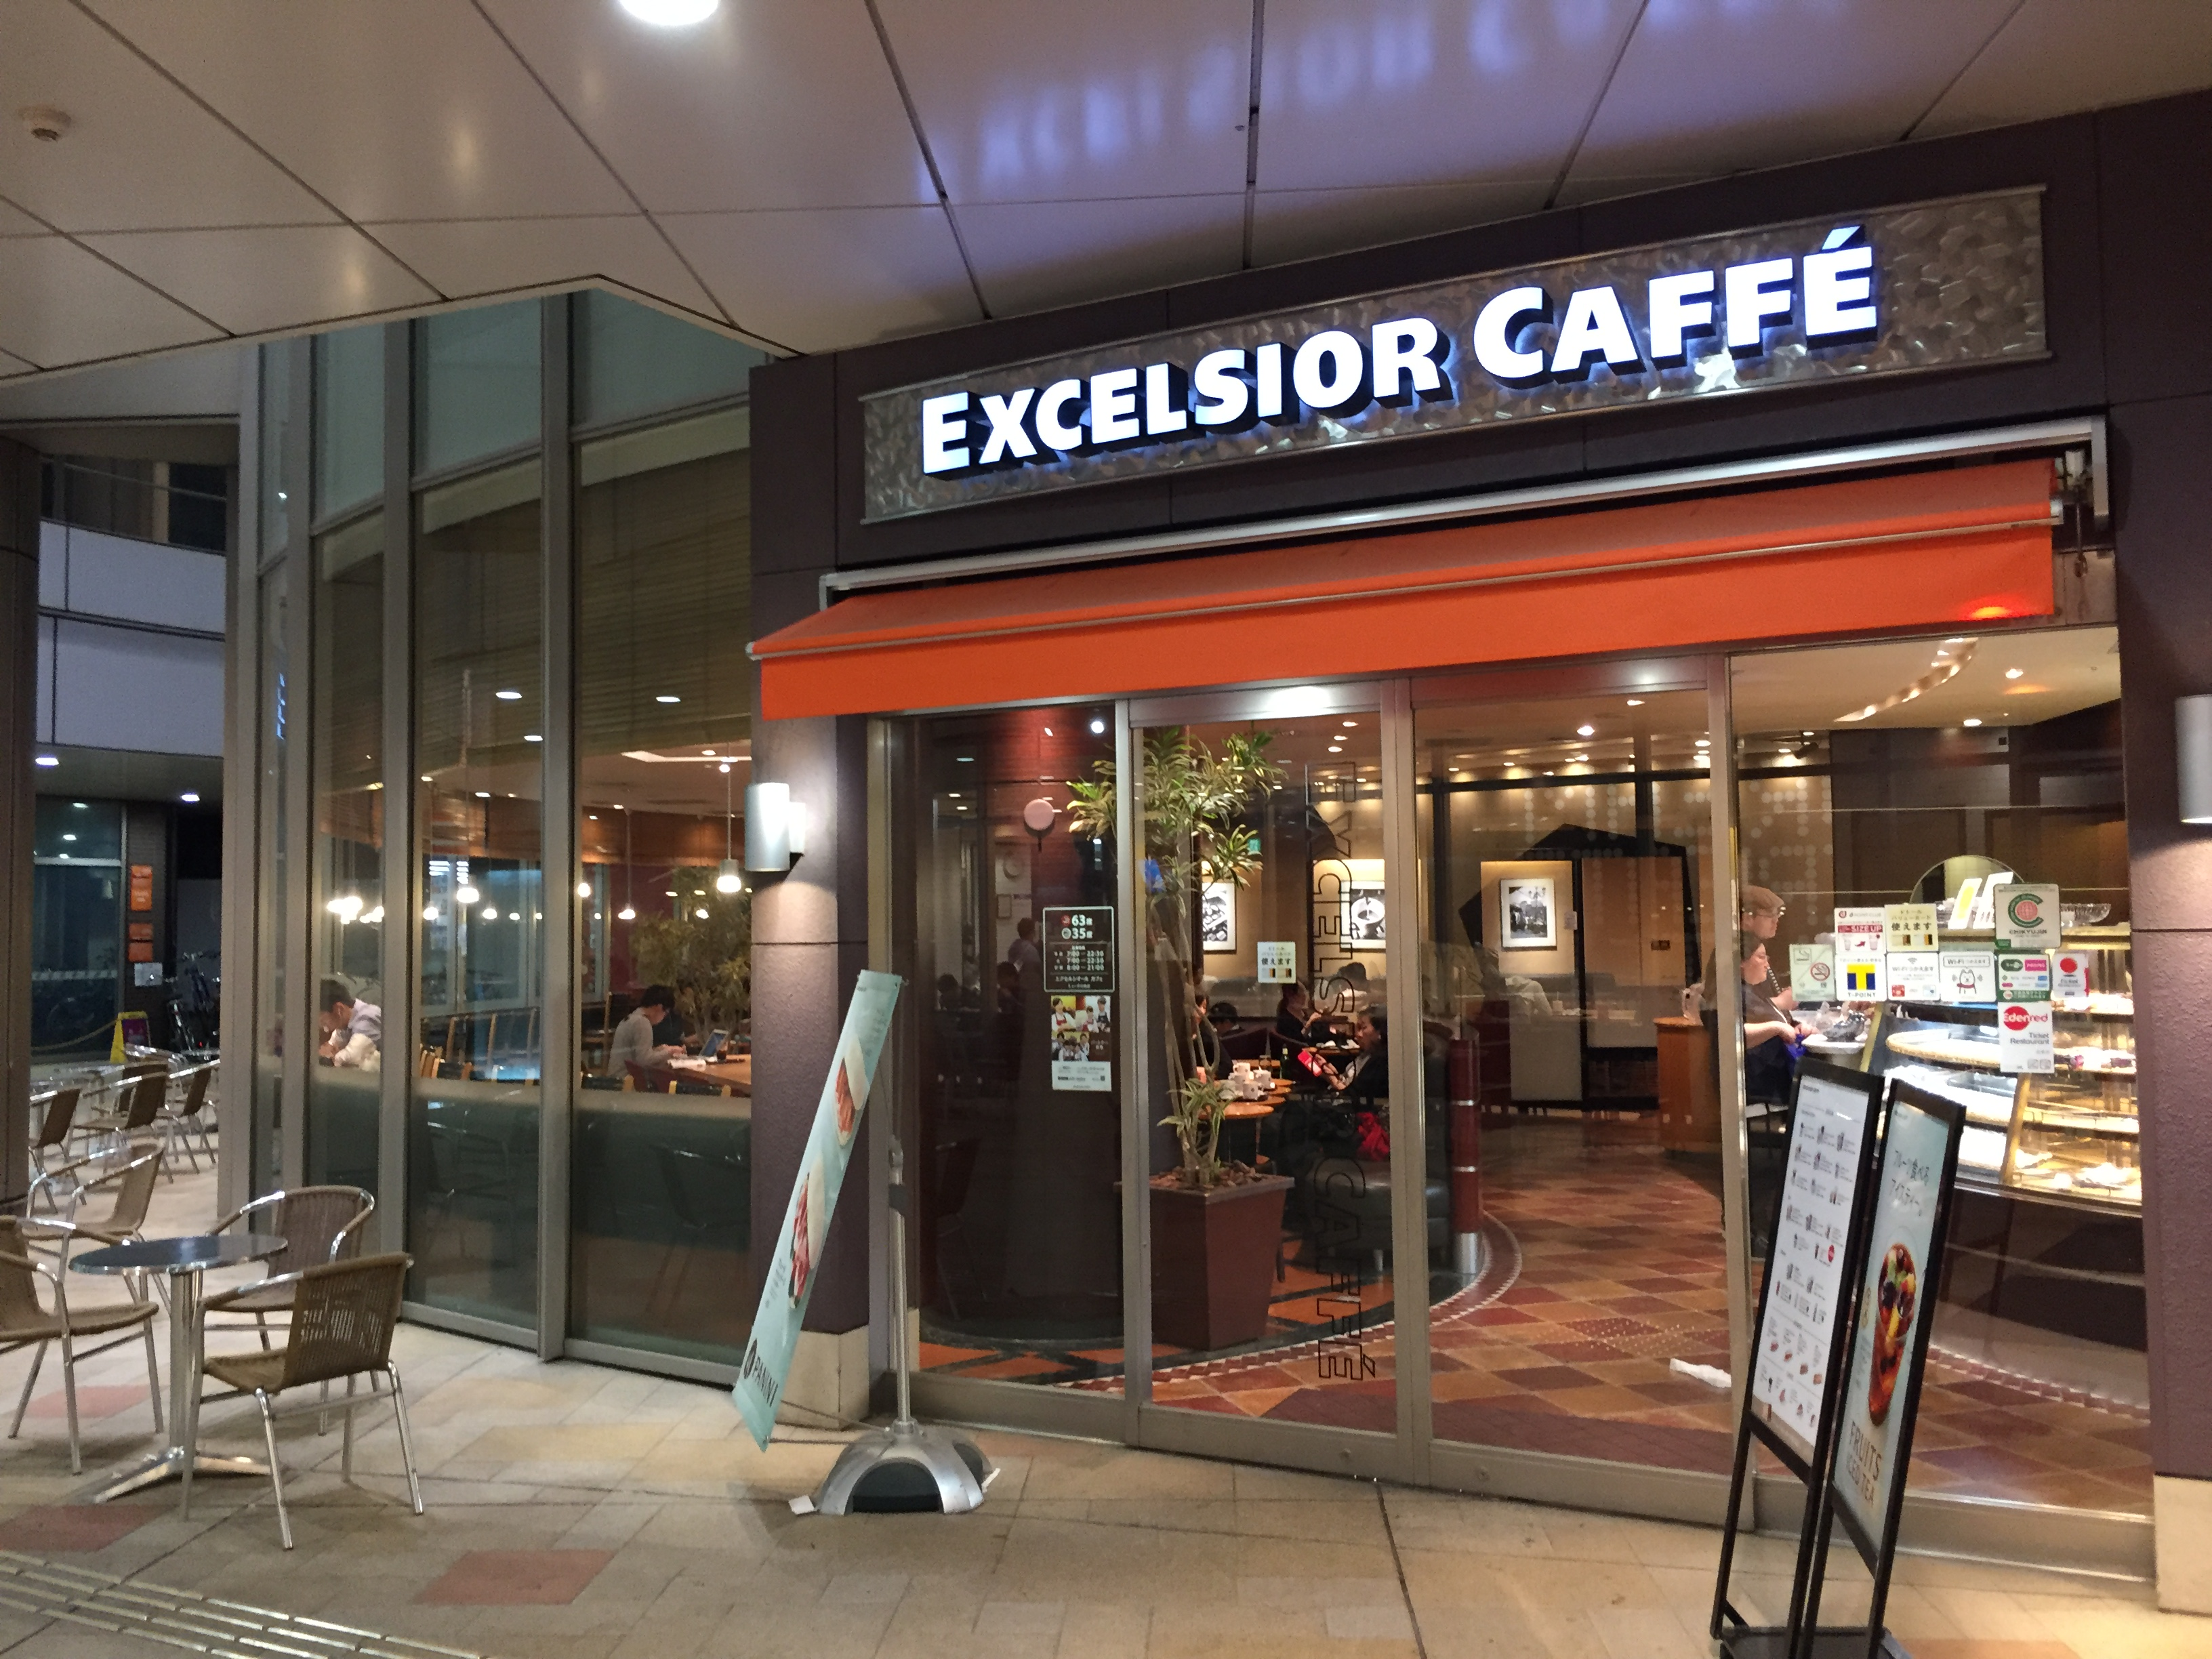 川崎駅中央西口 電源カフェ エクセルシオールカフェ ミューザ川崎店